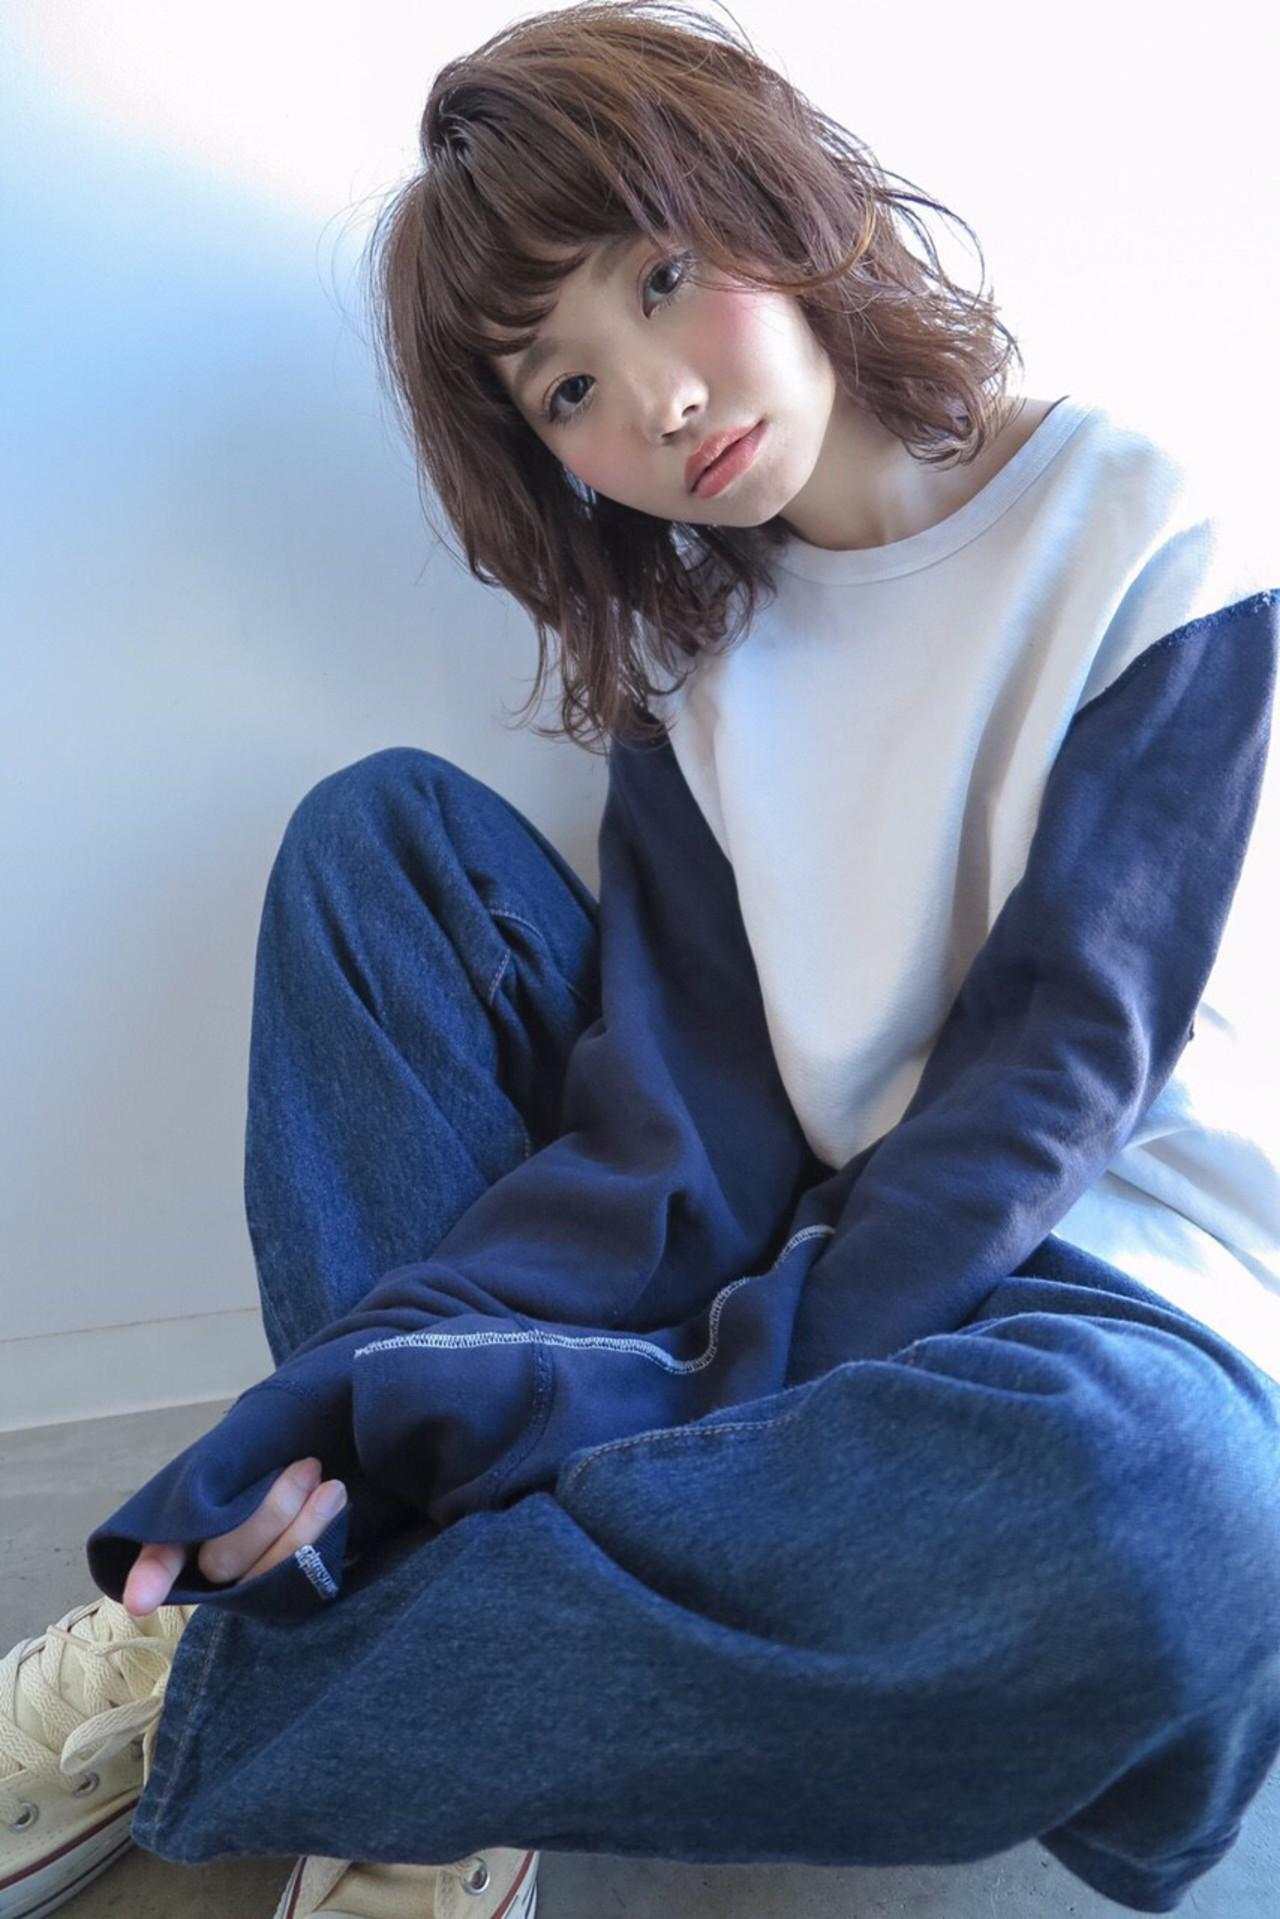 大人の階段をのぼりたい!ヘアスタイルで制するイメチェン方法。[ゆるふわ→大人キレイ] 加藤 優希